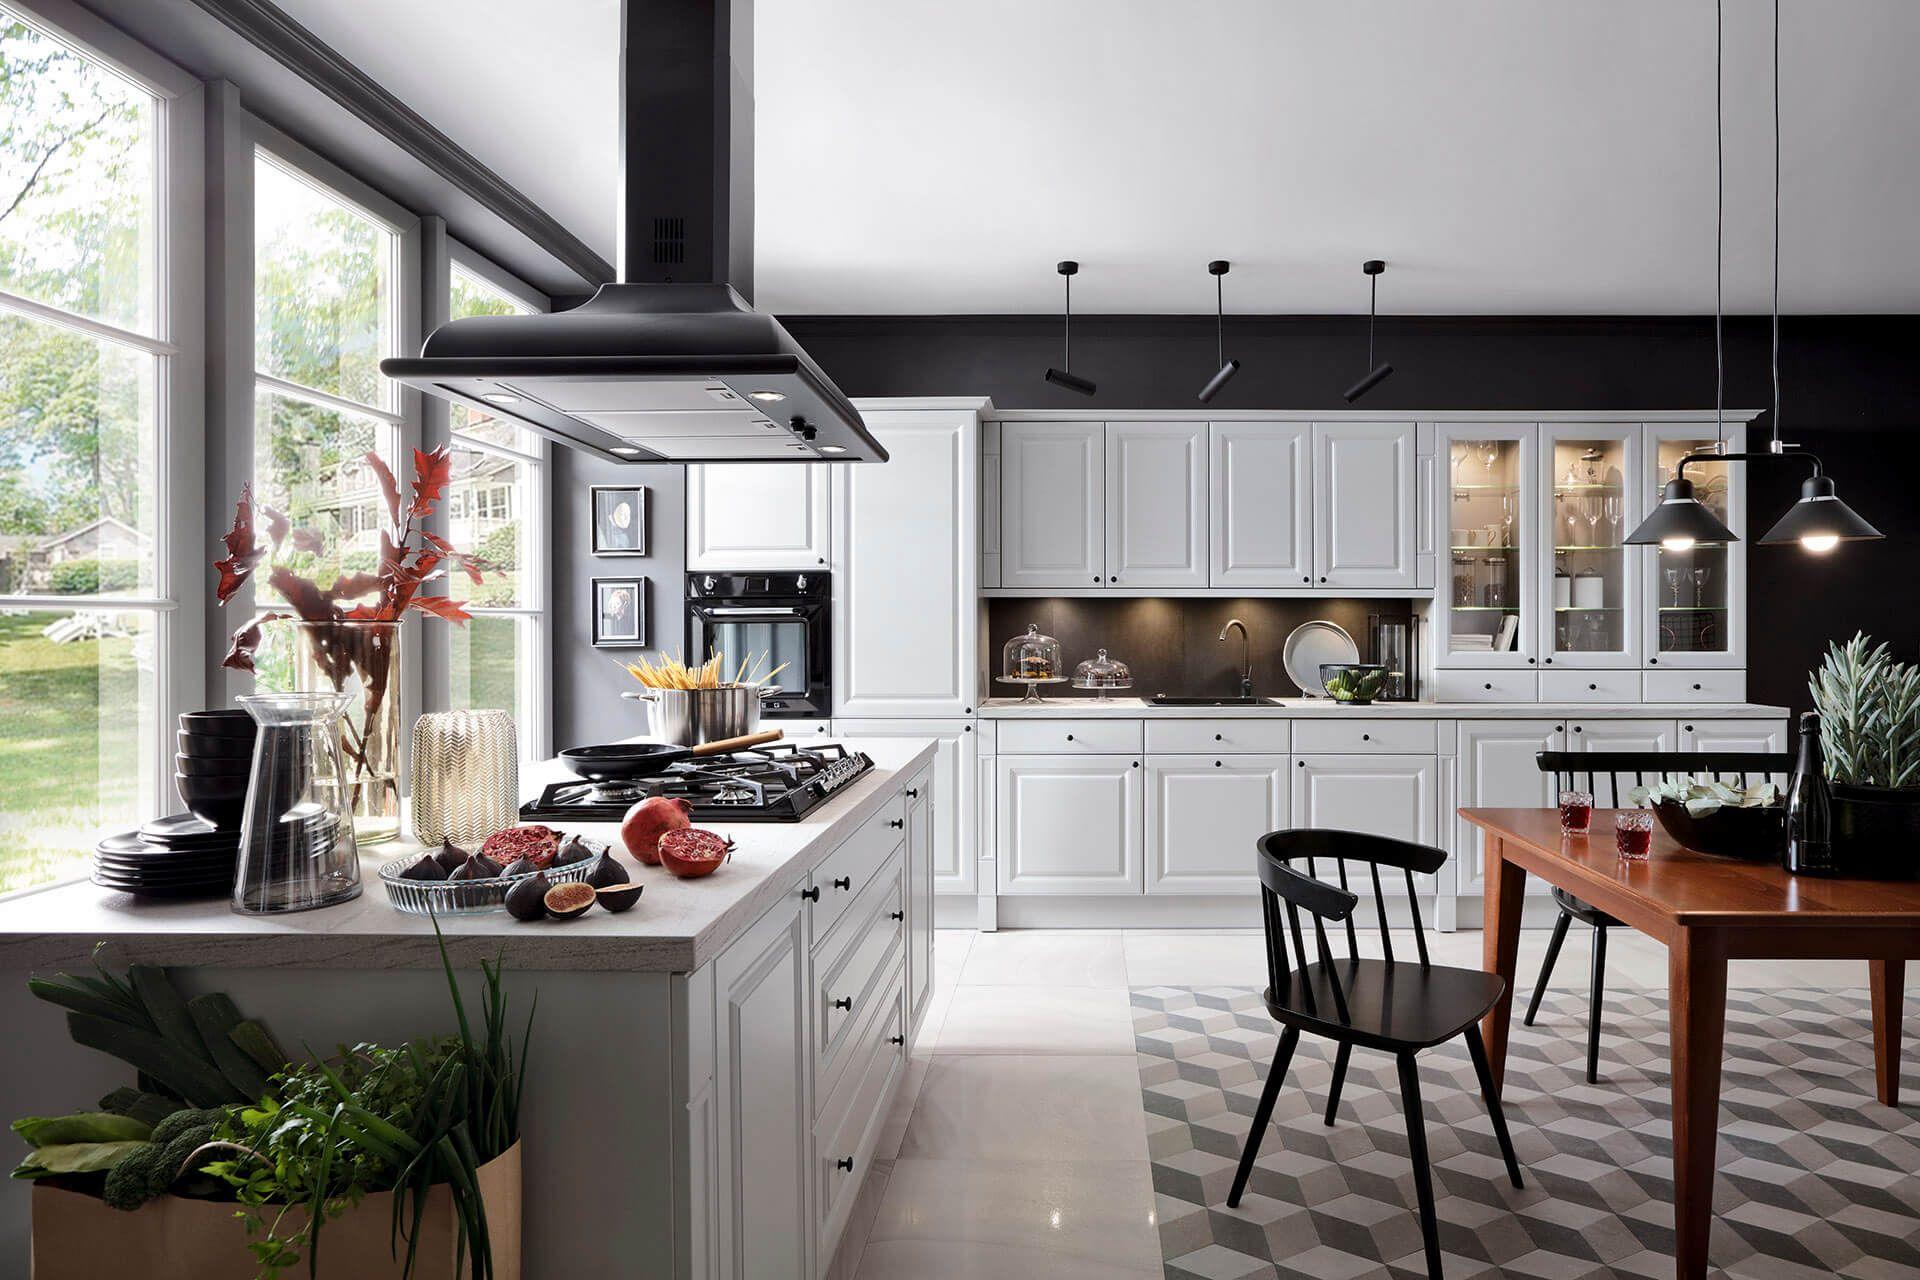 Black Red White Senso Kitchens Kuchnia Kasetta Brw Blackredwhite Kitchen Kitcheninspiration Kit Classic Kitchens Kitchen Inspirations Kitchen Design